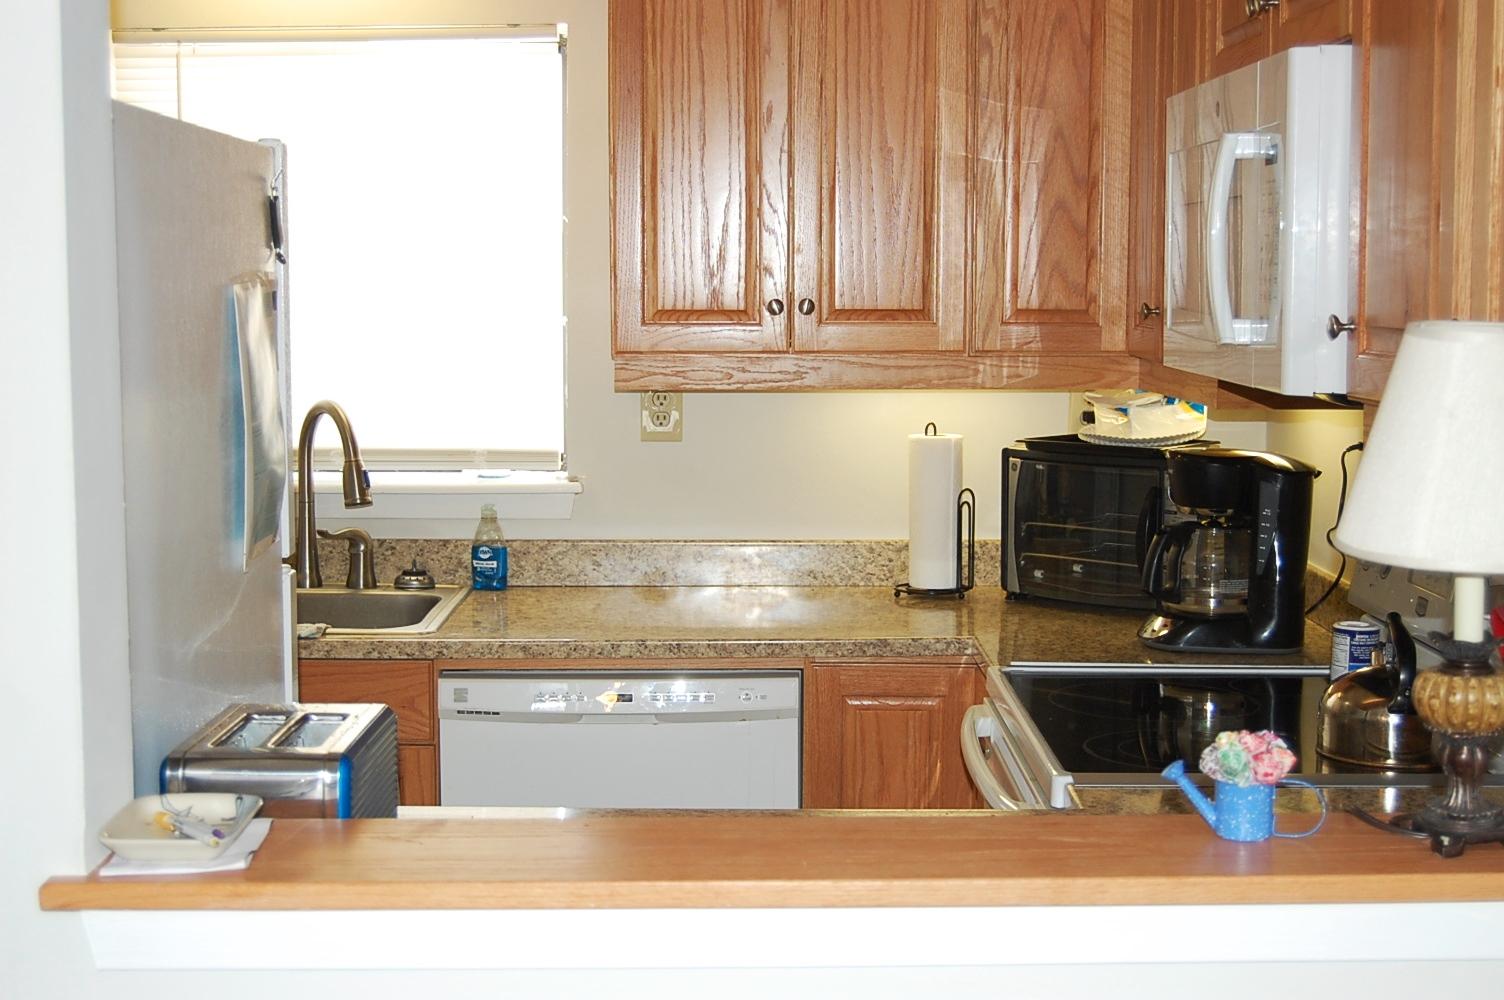 GULF VILLAGE 413 Condo rental in Gulf Village Gulf Shores in Gulf Shores Alabama - #11